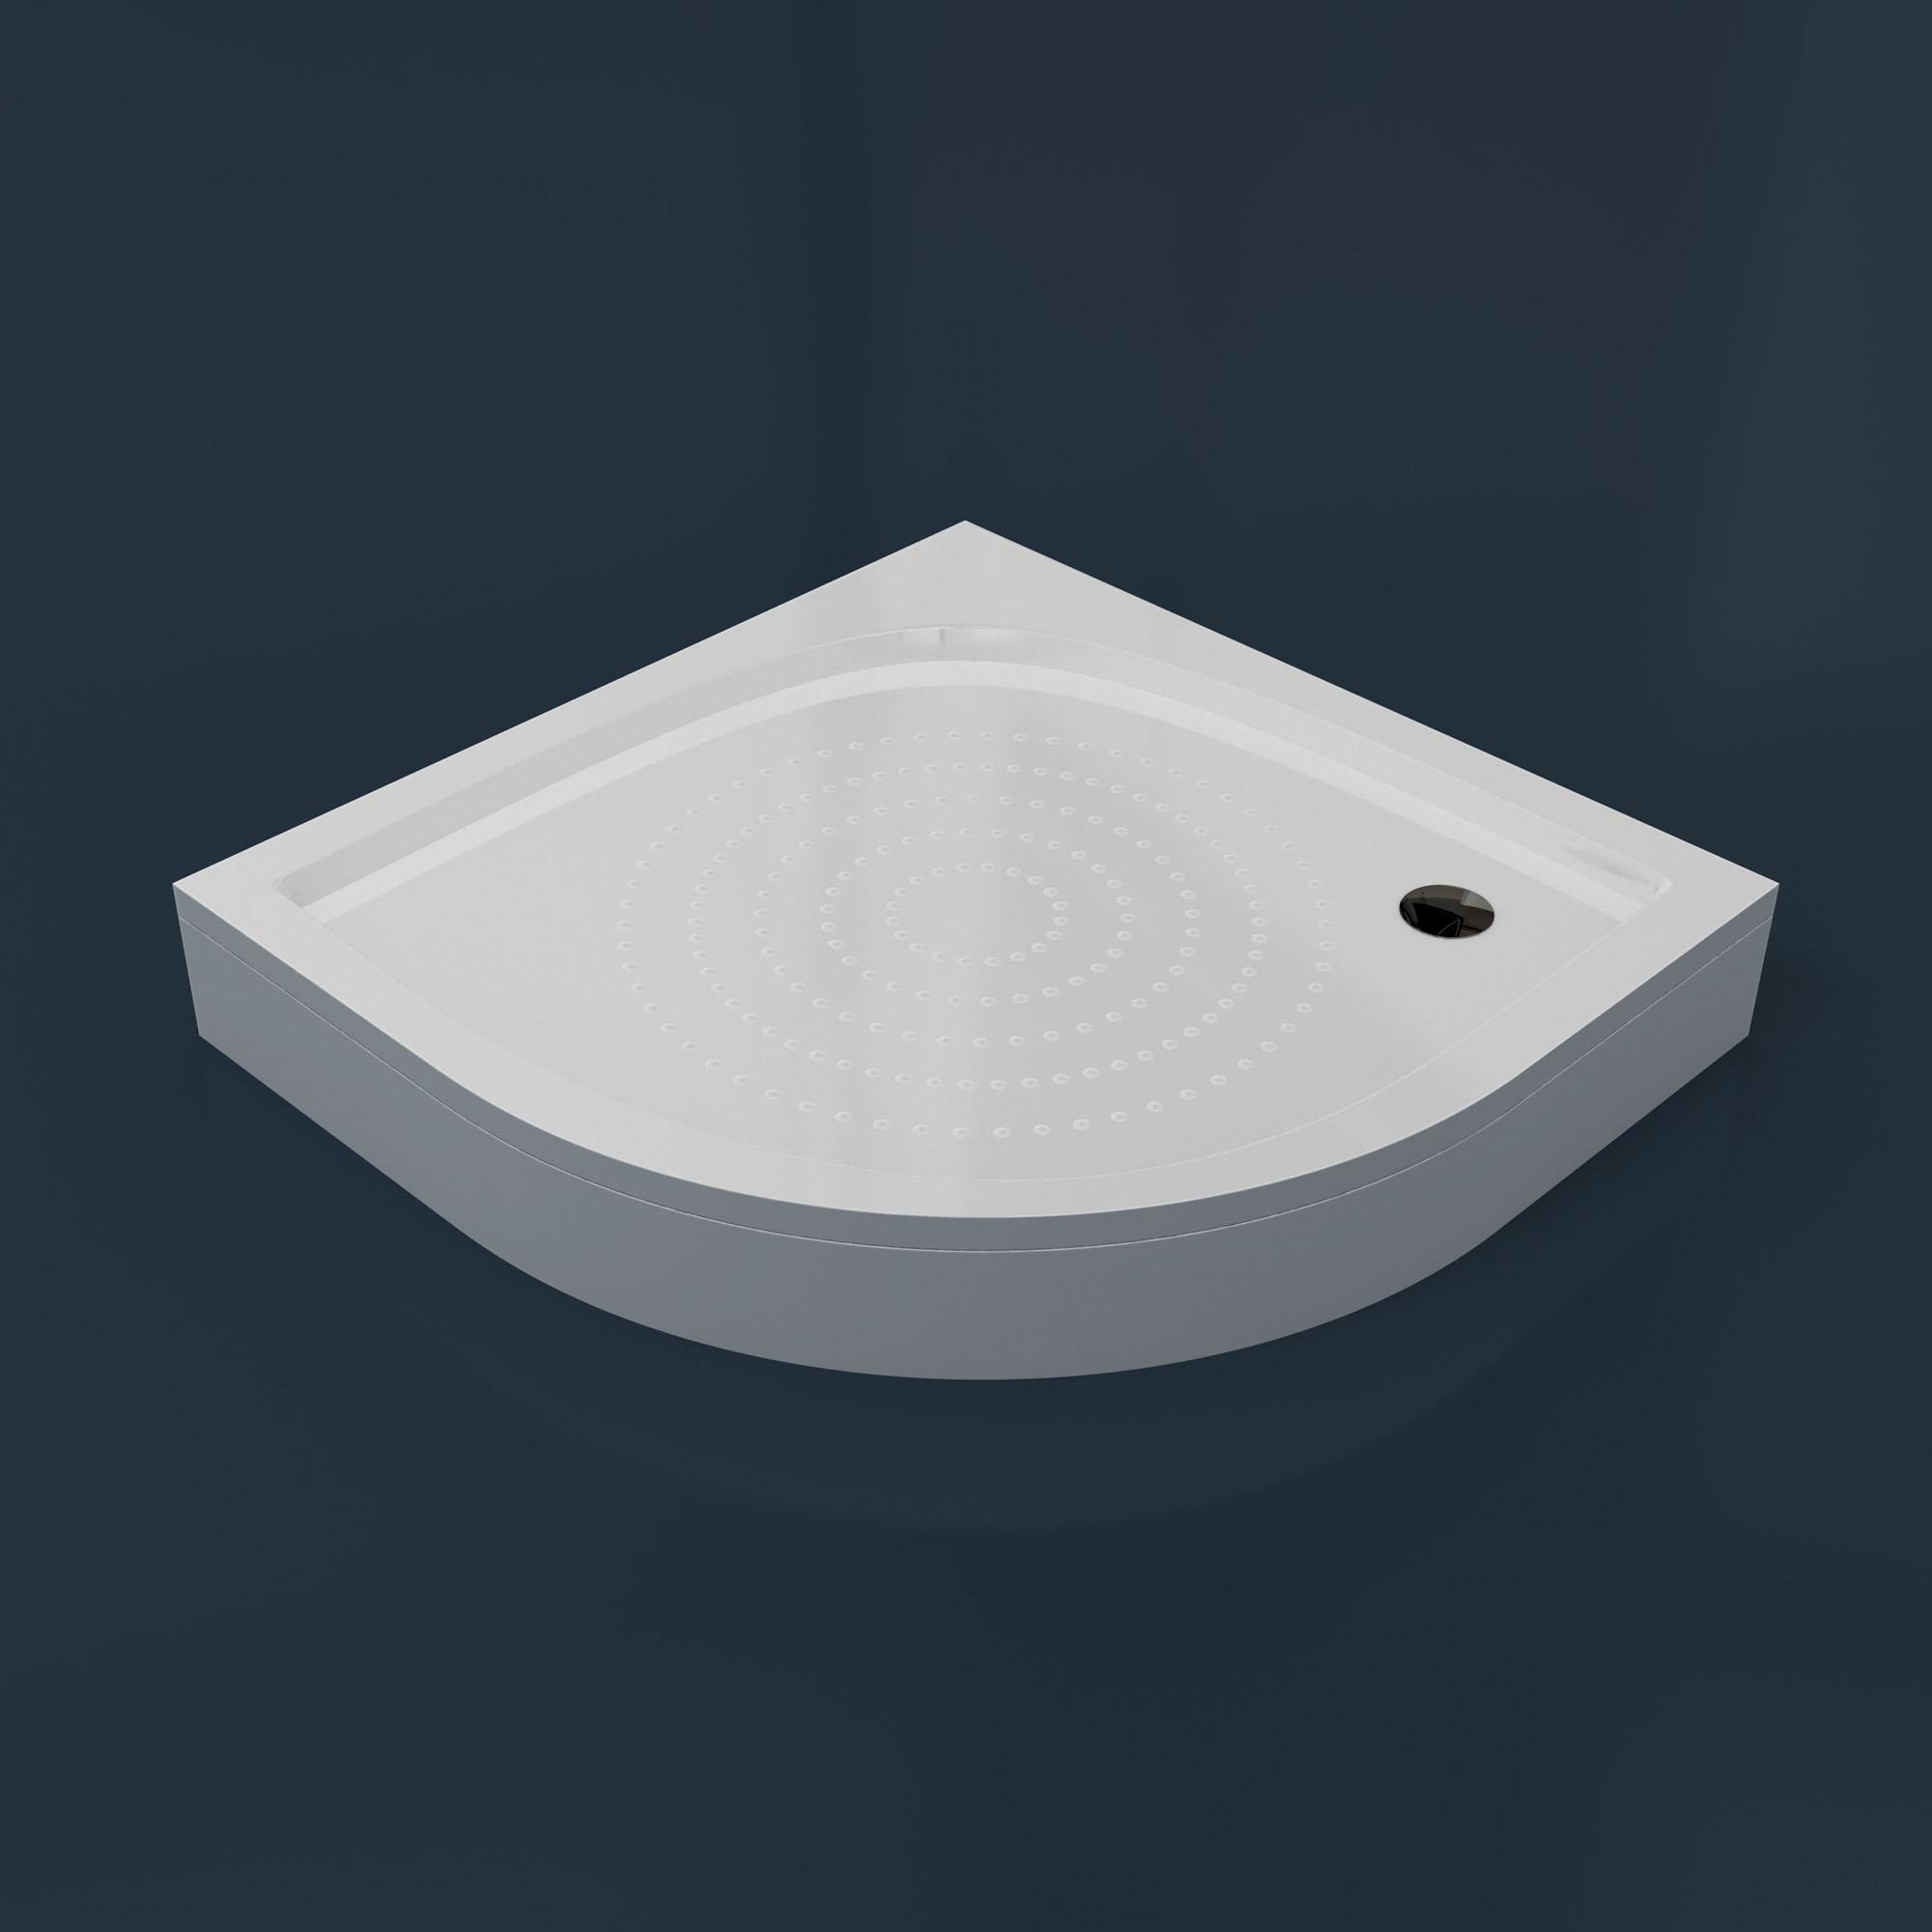 Душевой поддон Esse RR 90 (R550) душевой поддон esse ip 1200 2